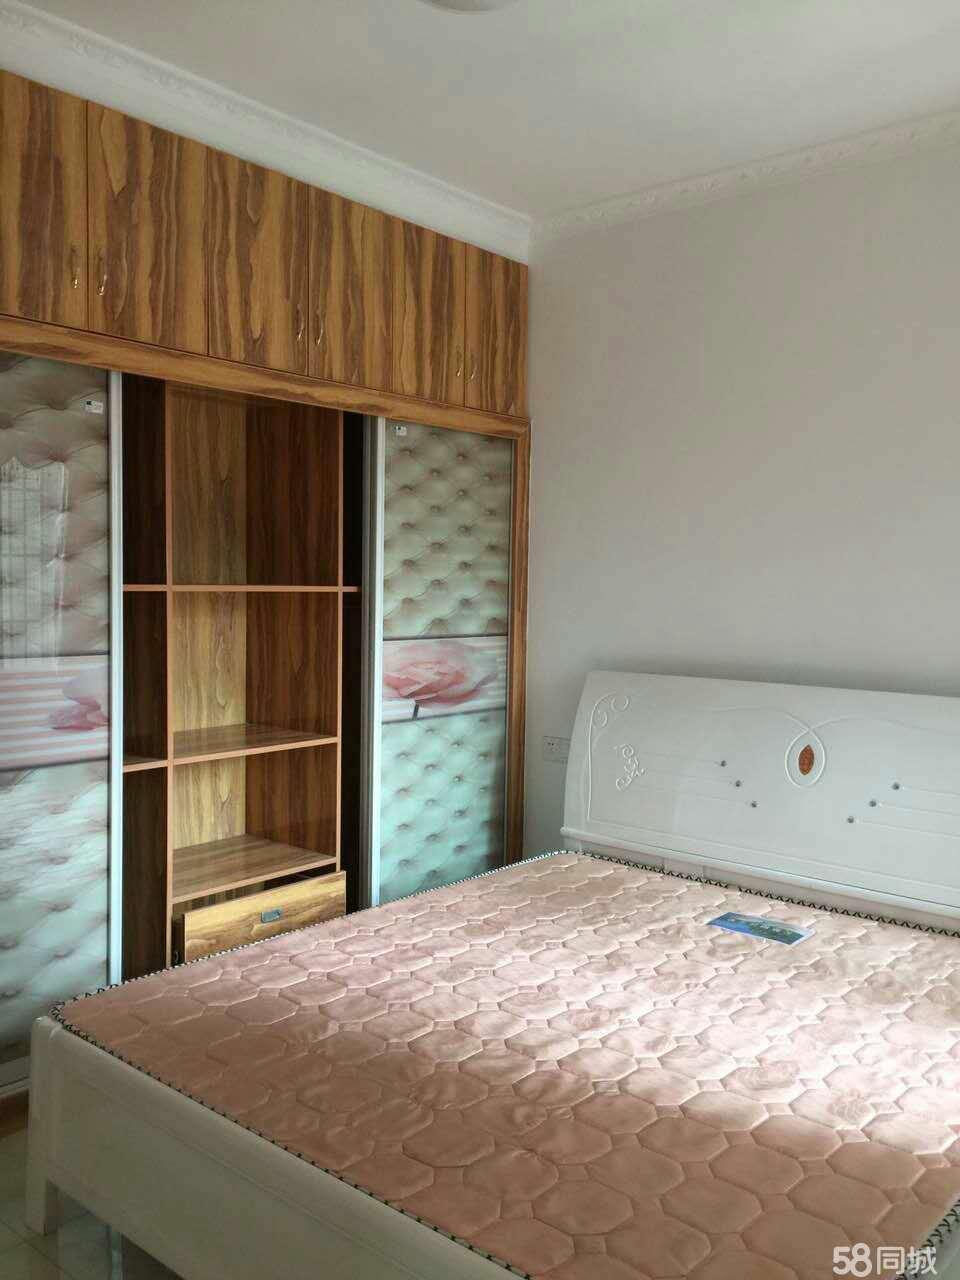 安居凤凰城2室2厅83平米精装修年付